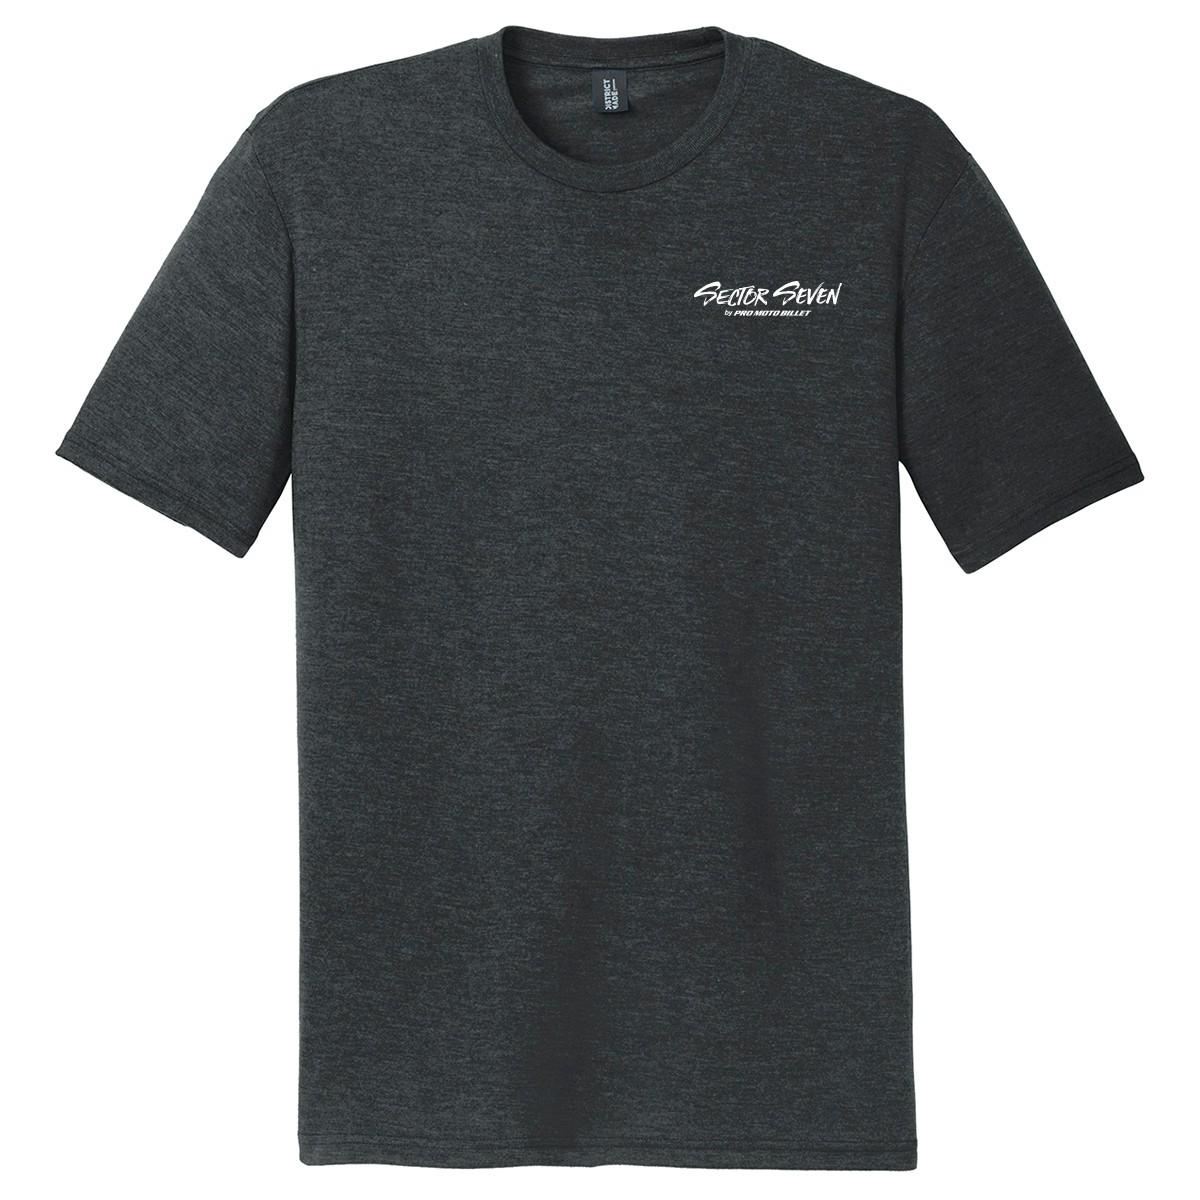 Sector Seven T-shirt